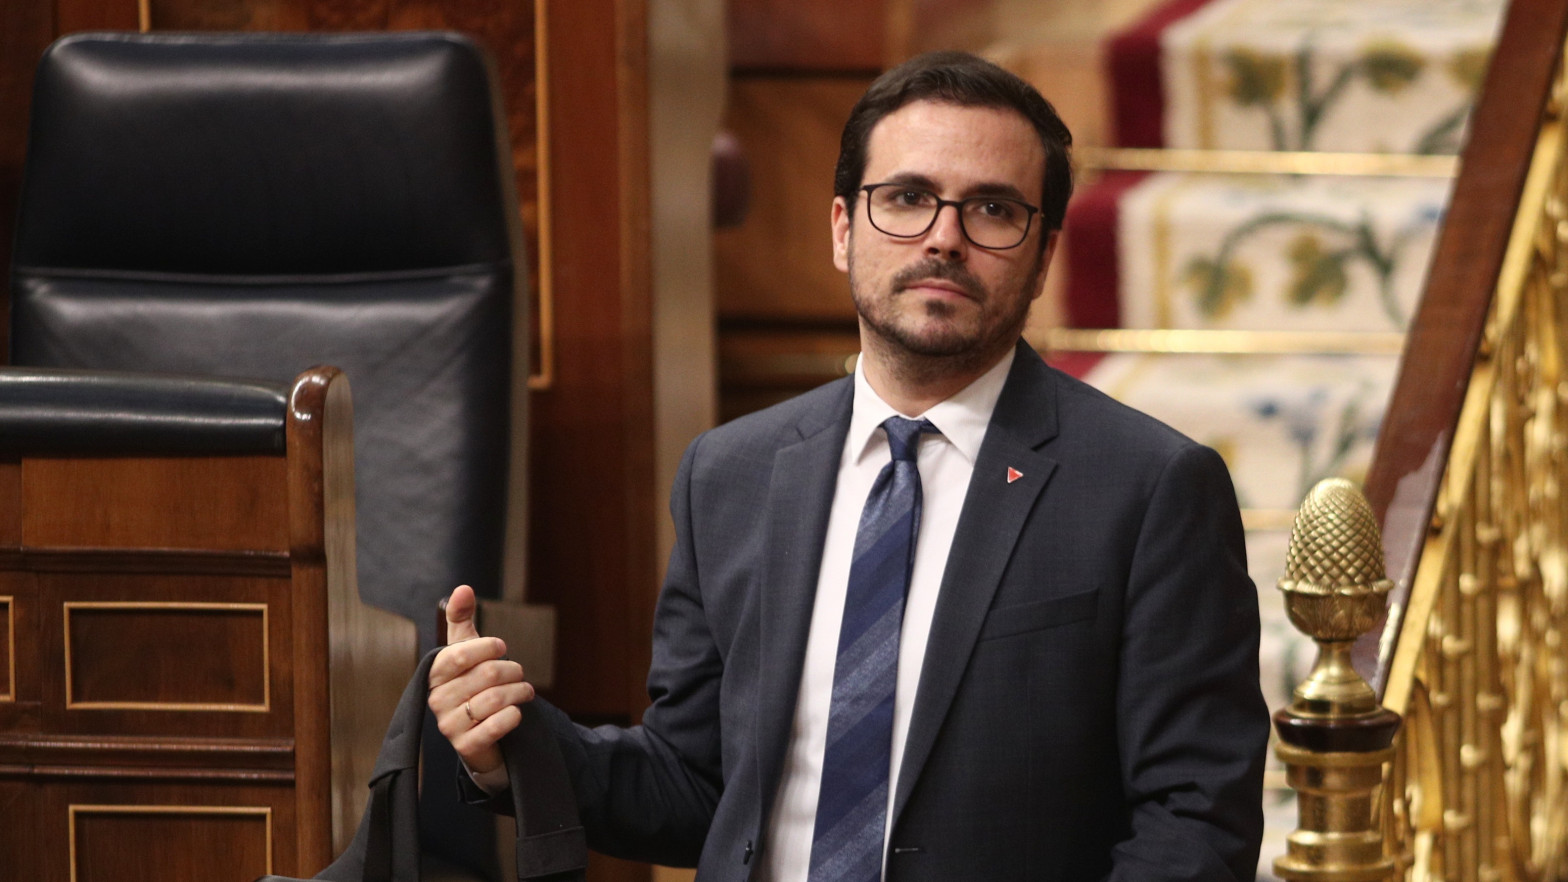 El ministerio de Garzón alquila una oficina 'premium' en el centro de Madrid para recolocar personal